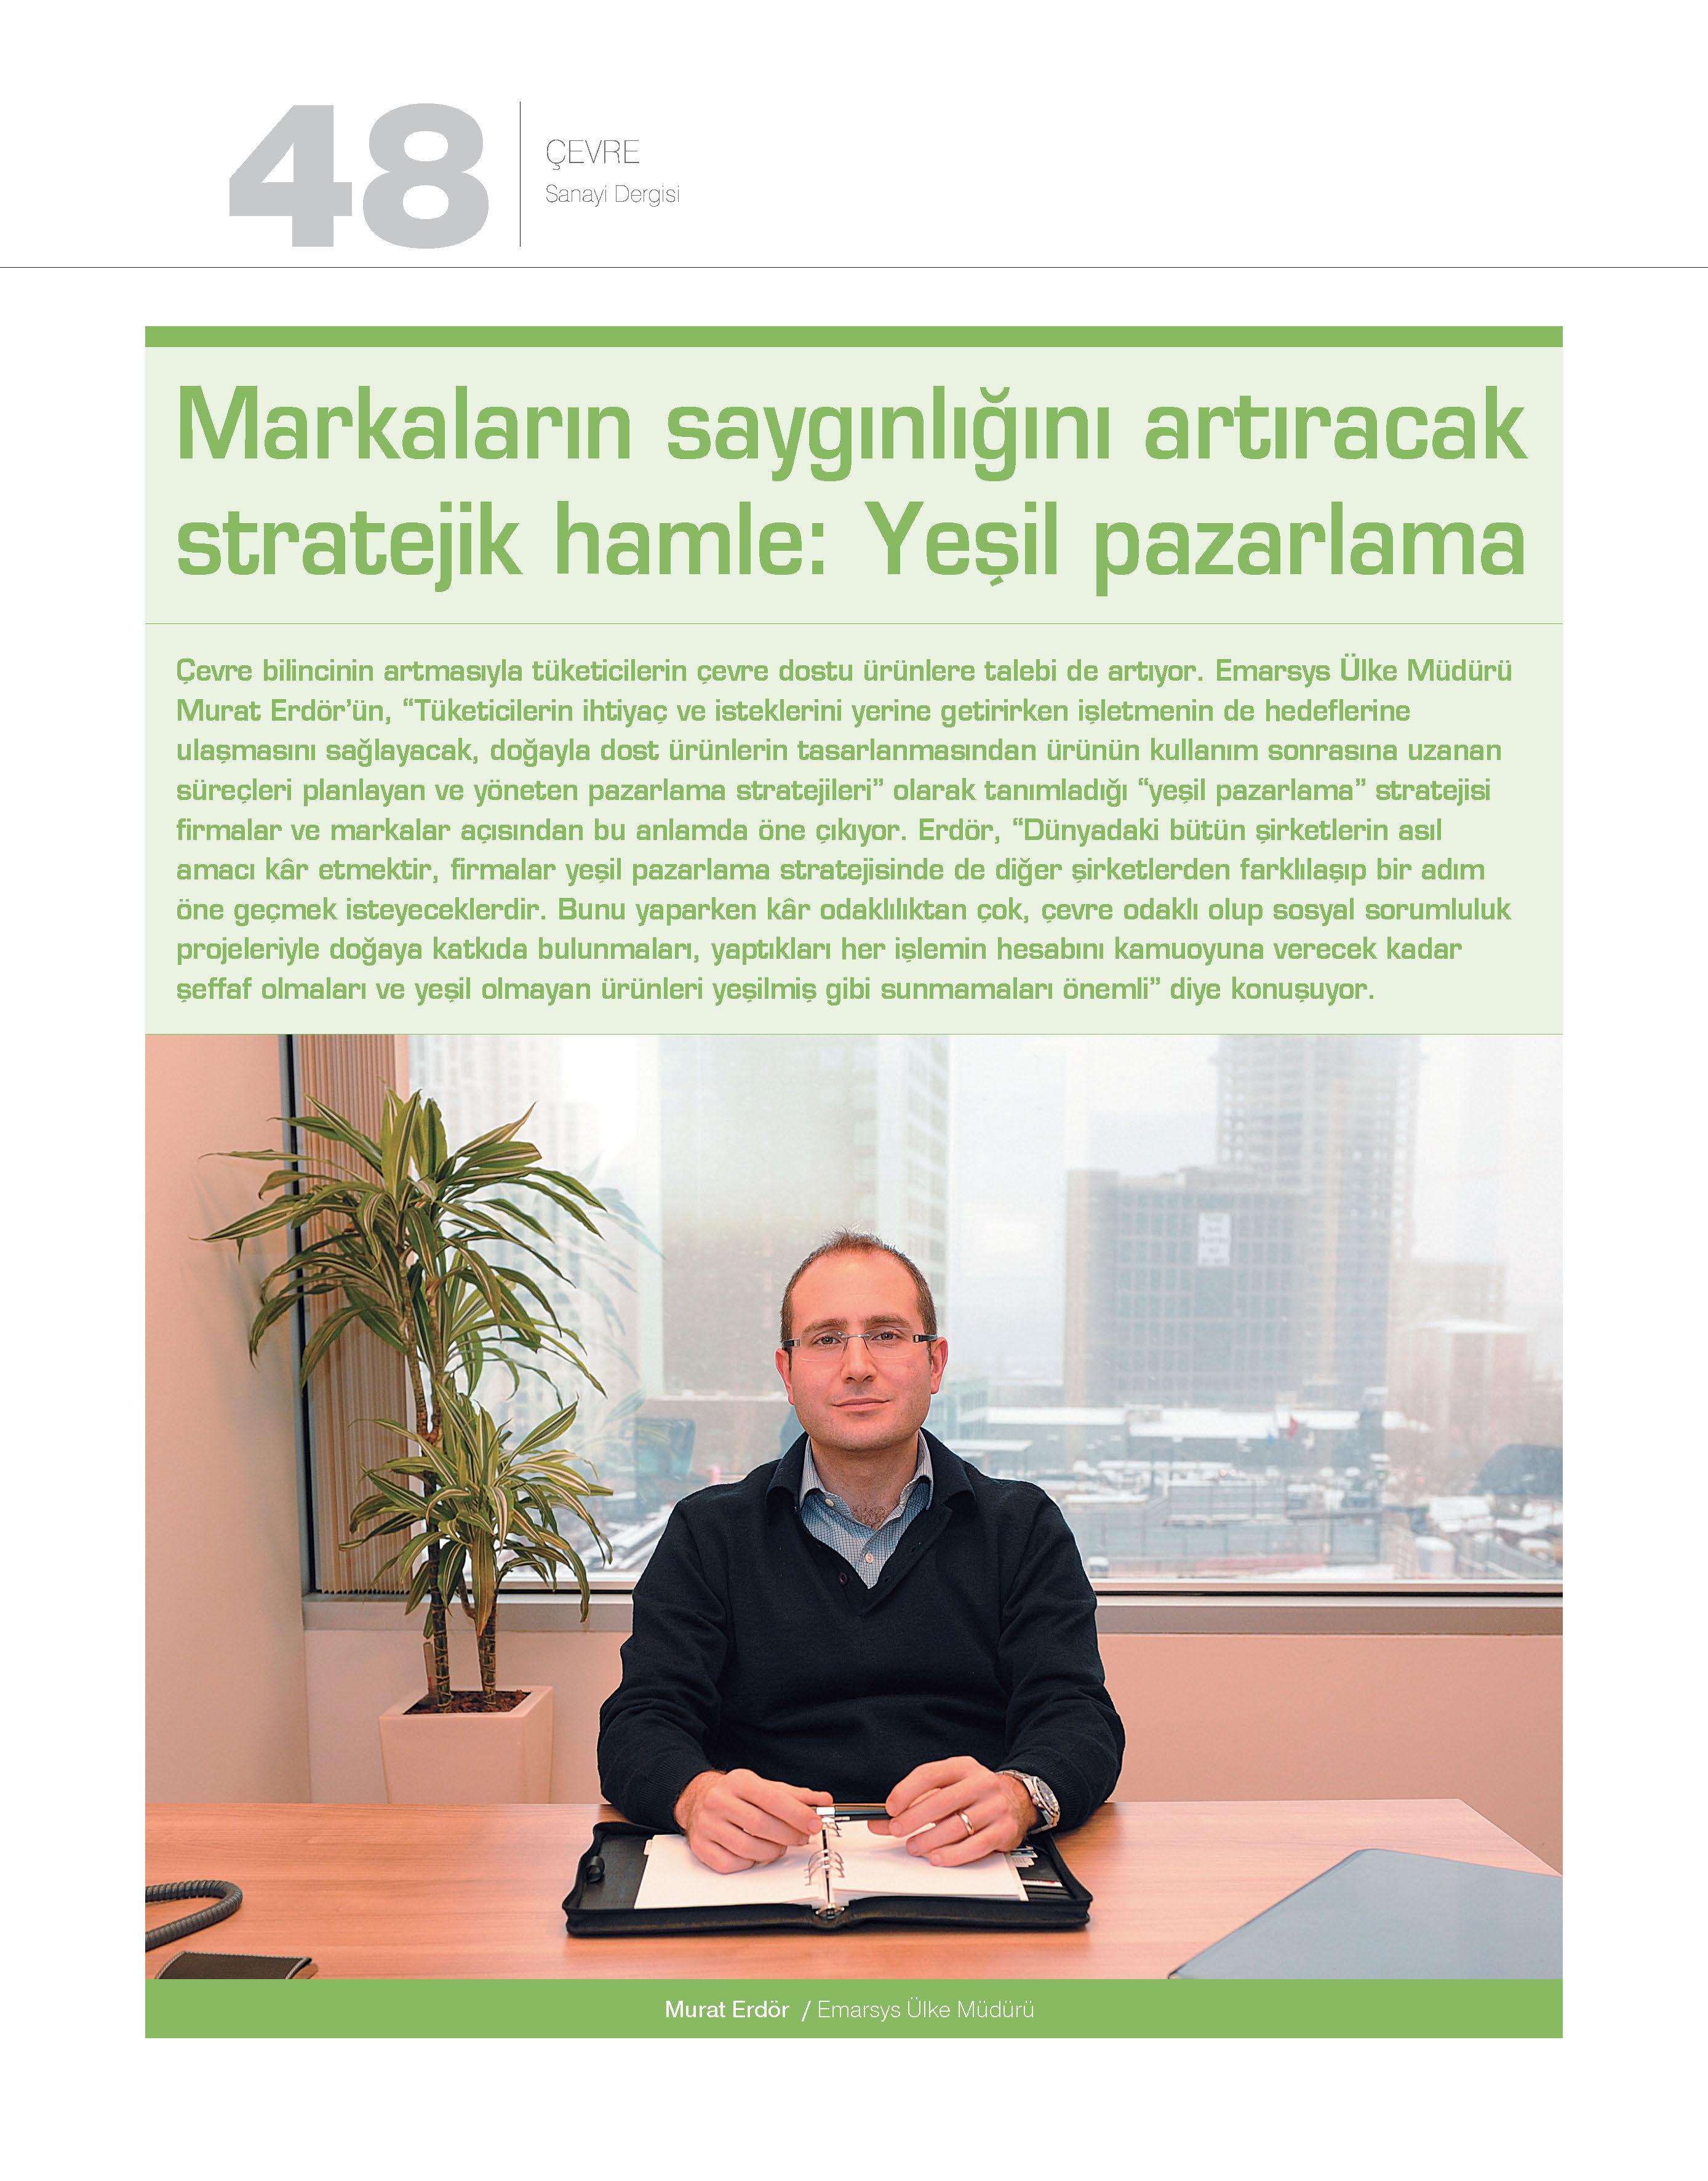 72 - İstanbul Sanayi Odası Dergisi_muraterdor.com_Mart 2013